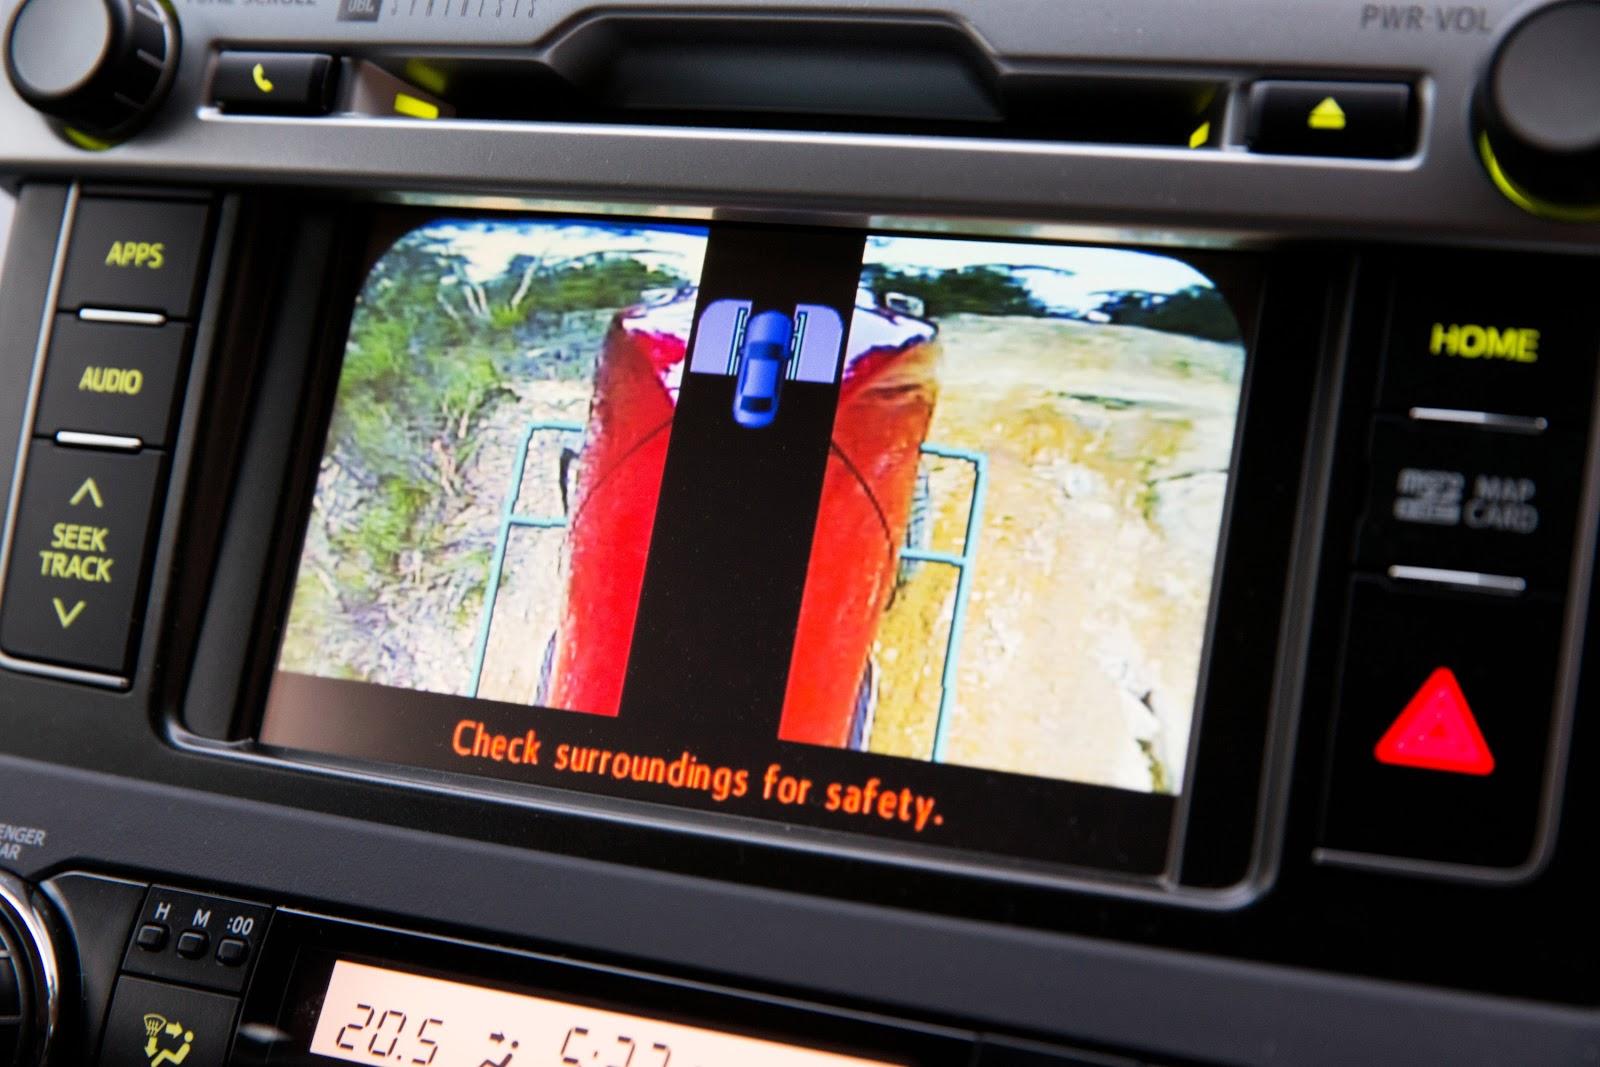 Hệ thống cảnh báo giả lập 360 độ, giúp lái xe xác định và hạn chế các nguy hiểm